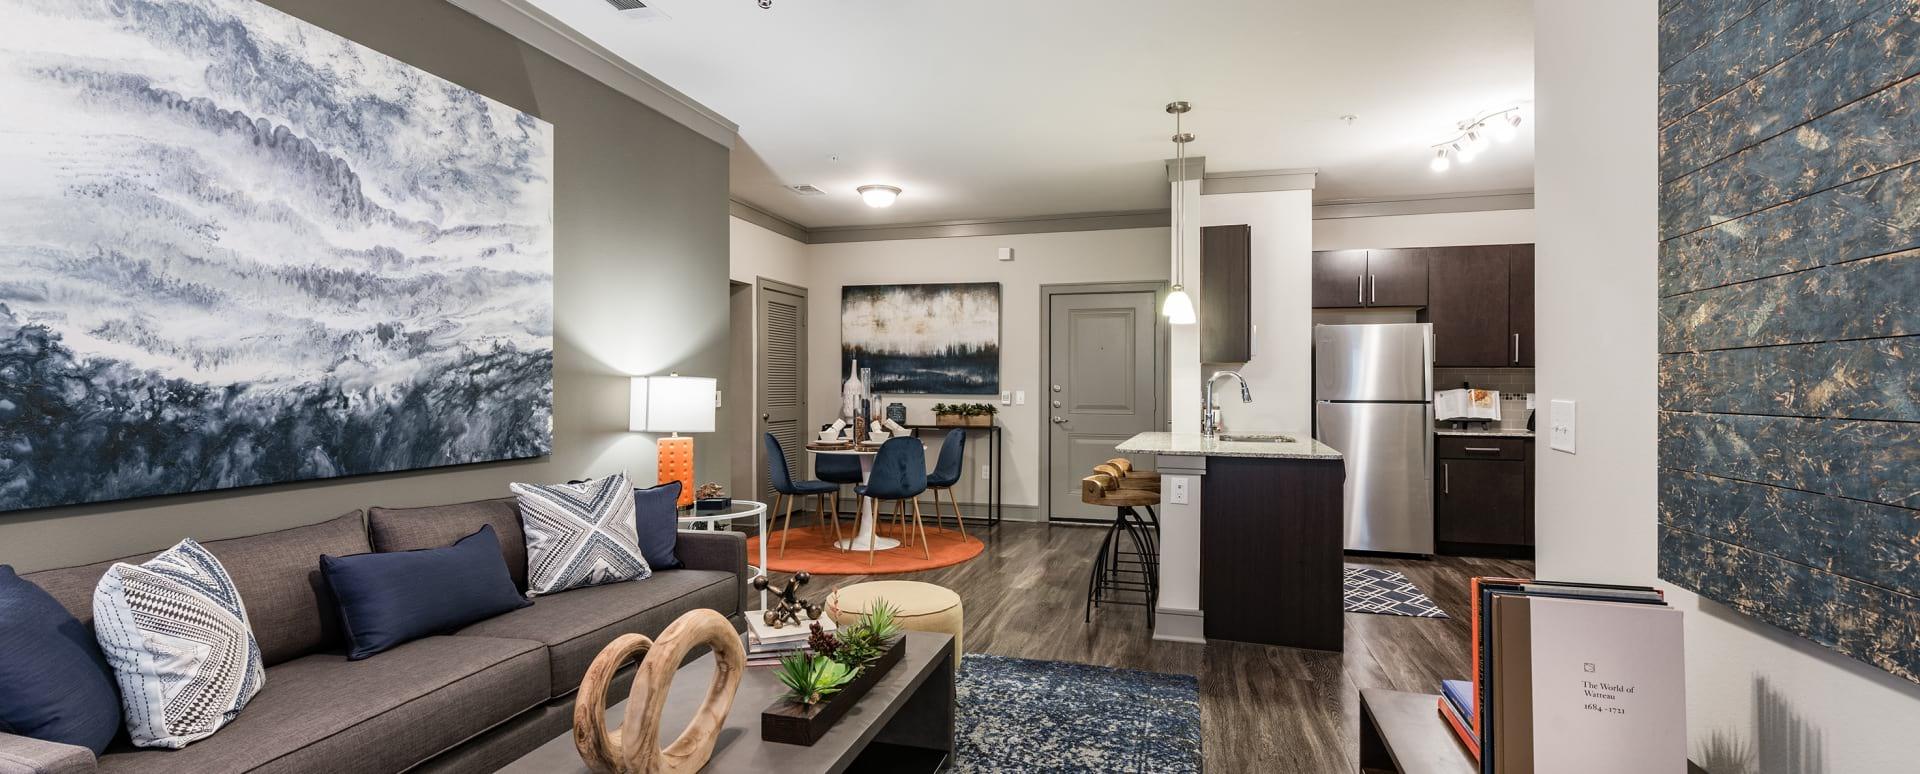 Luxury apartment floor plan at Cortland Cinco Ranch